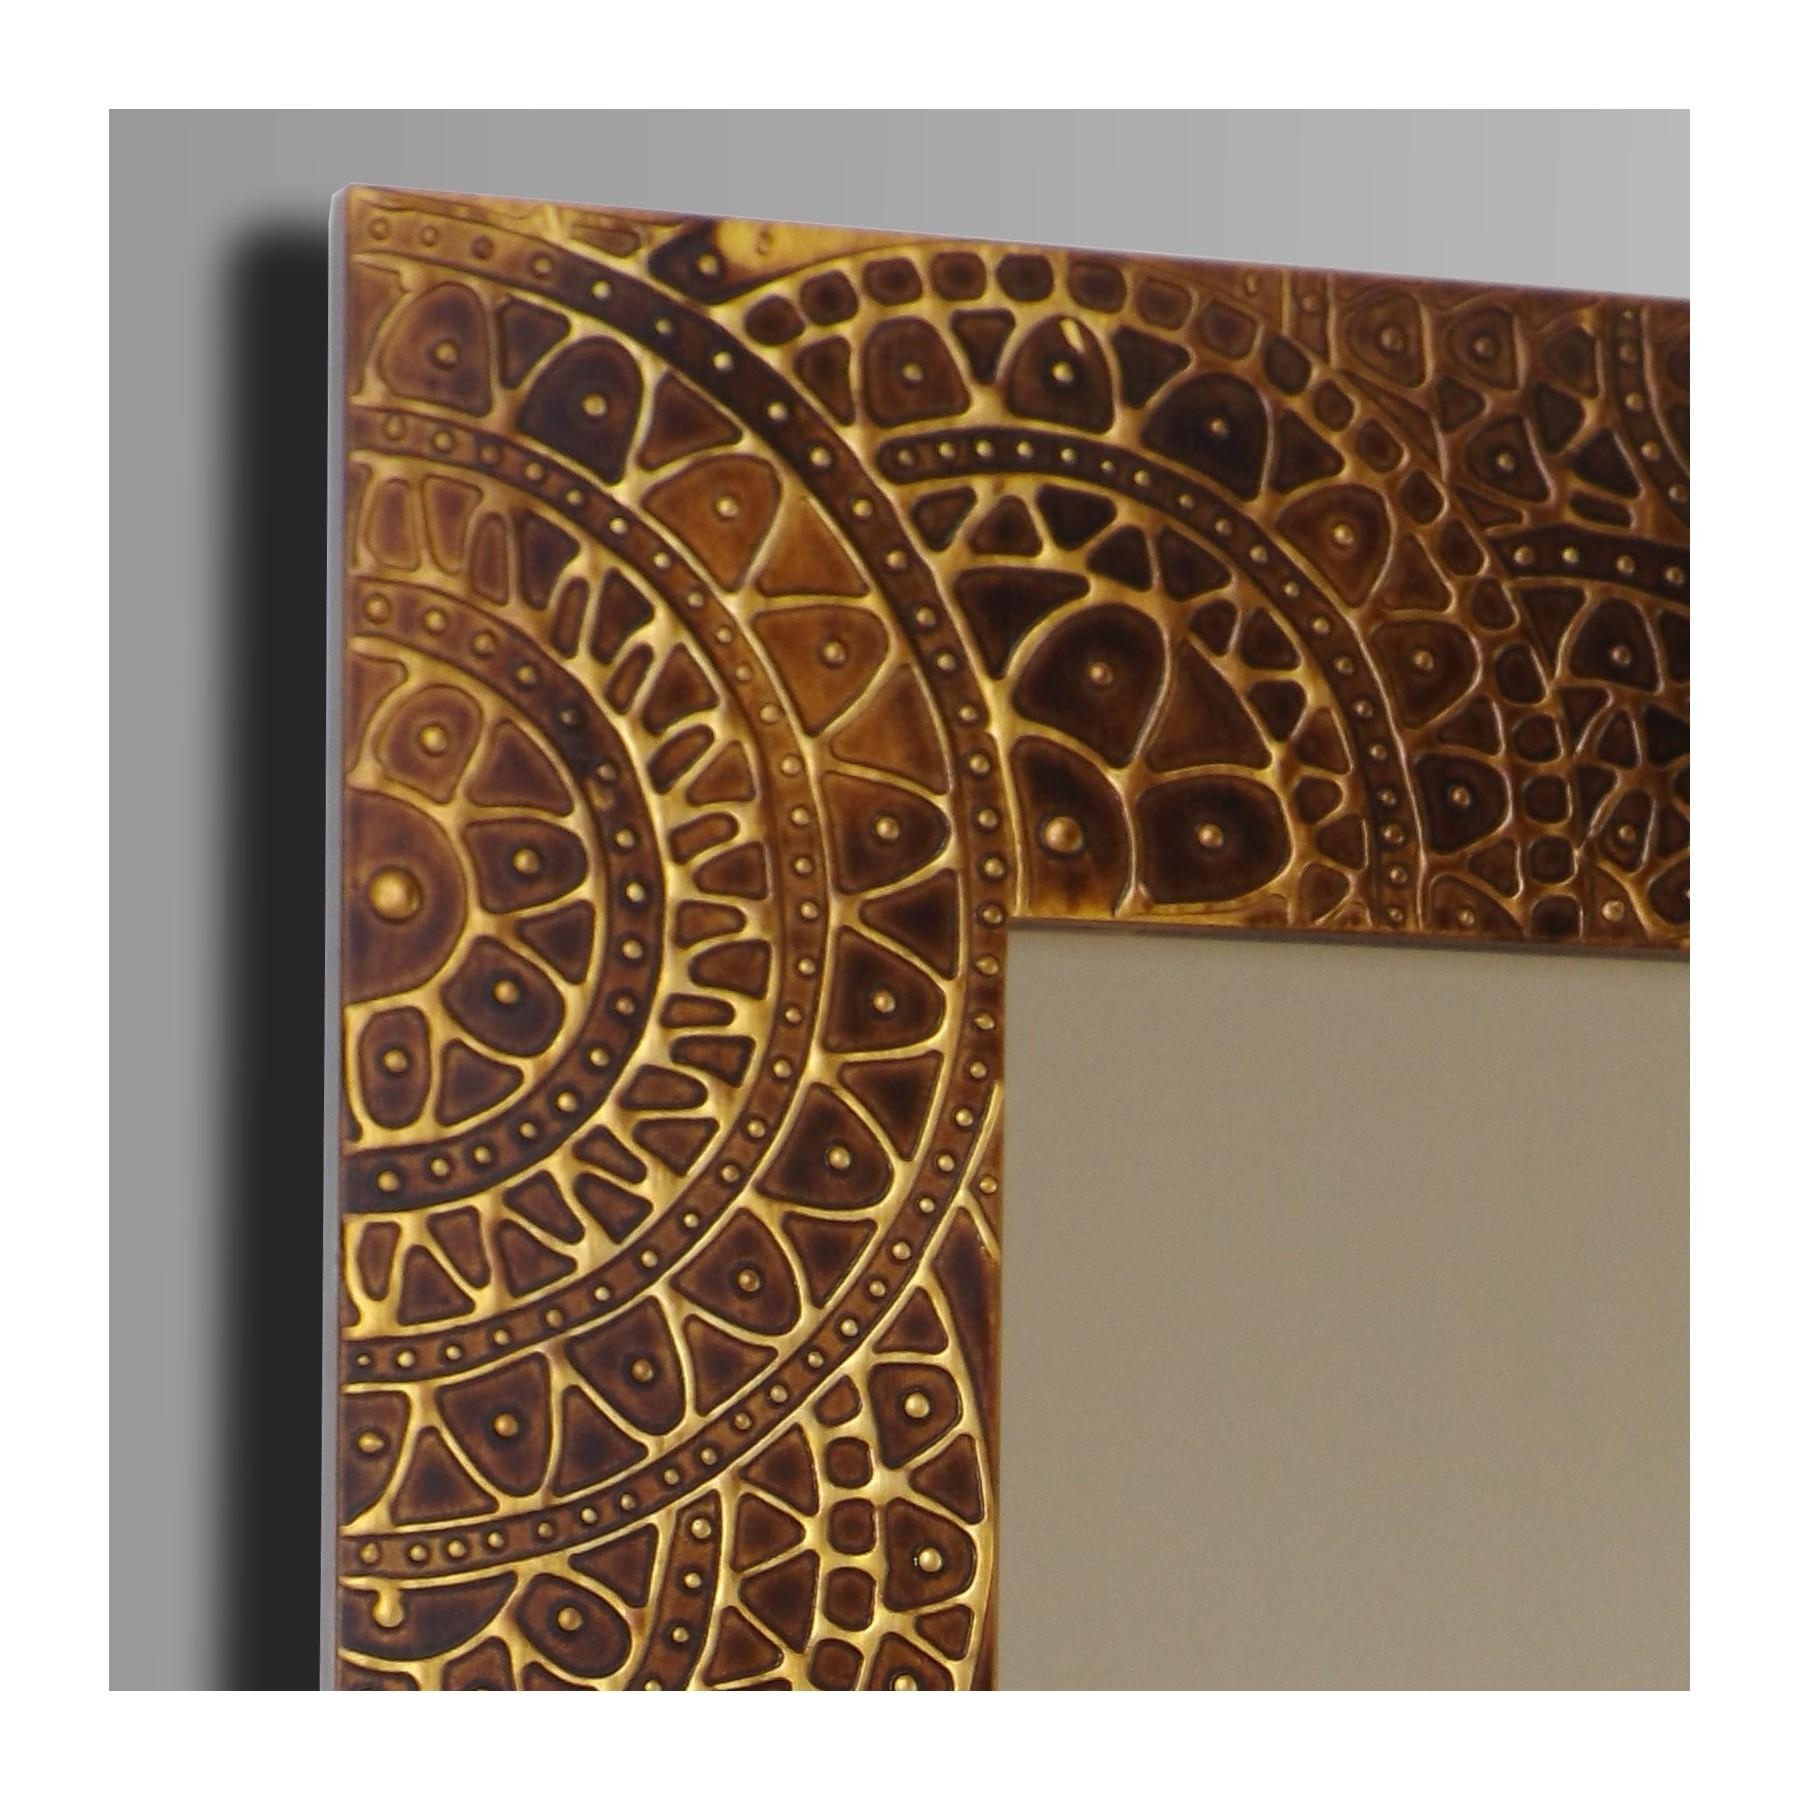 Espejo artesanal de pared hecho a mano modelo nazca for Modelos de espejos decorativos